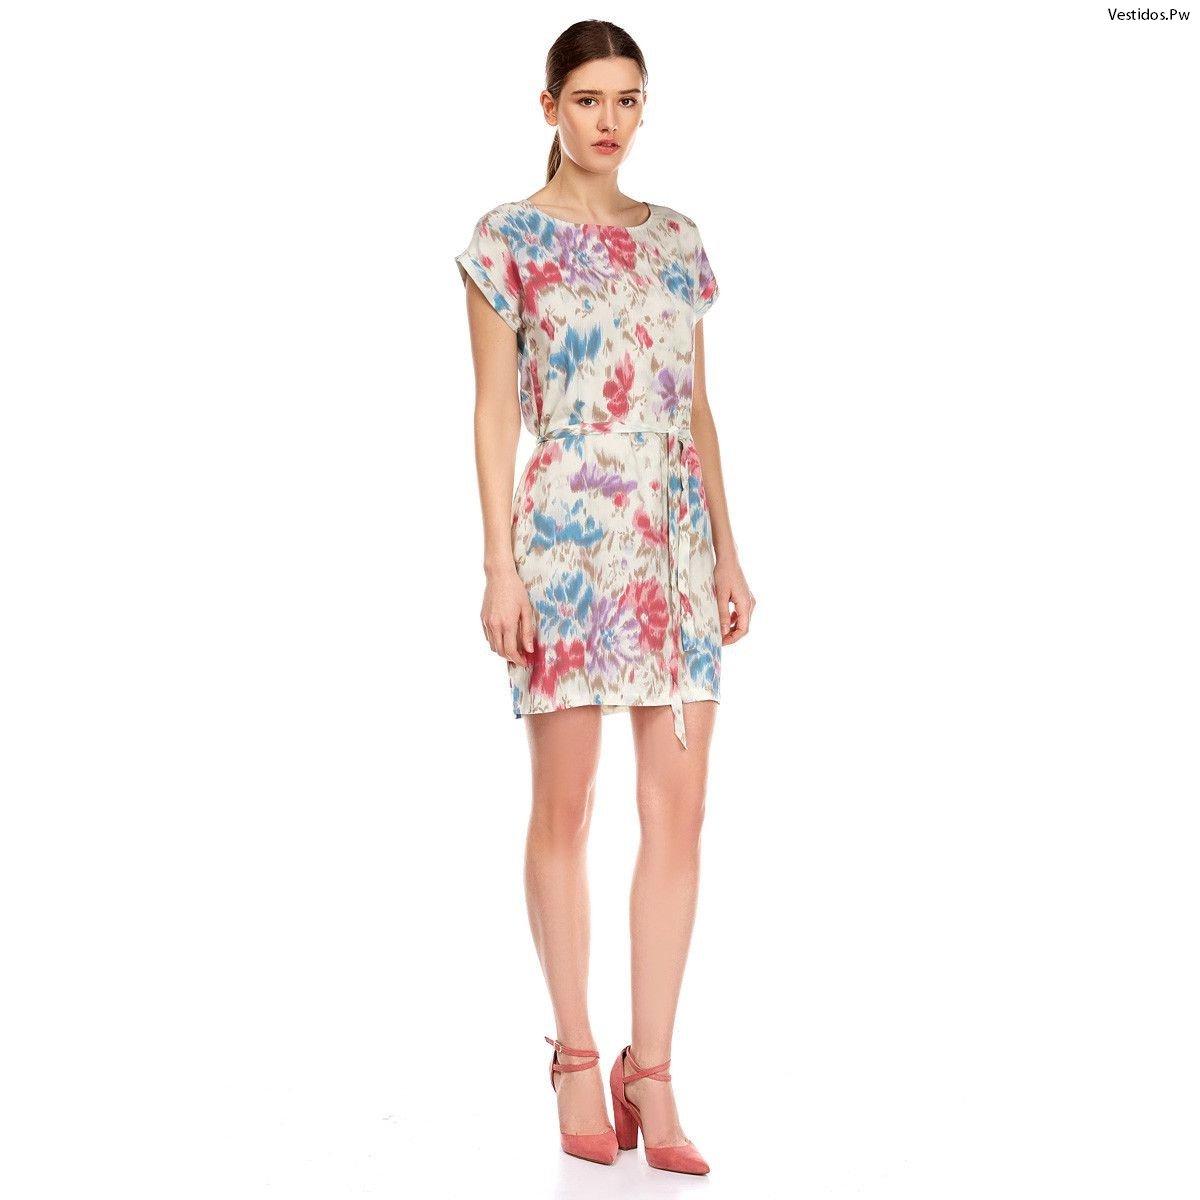 ac4ab7492fa Más de 55 Modelos de Vestidos Increibles ¡Inspiración e Ideas con ...